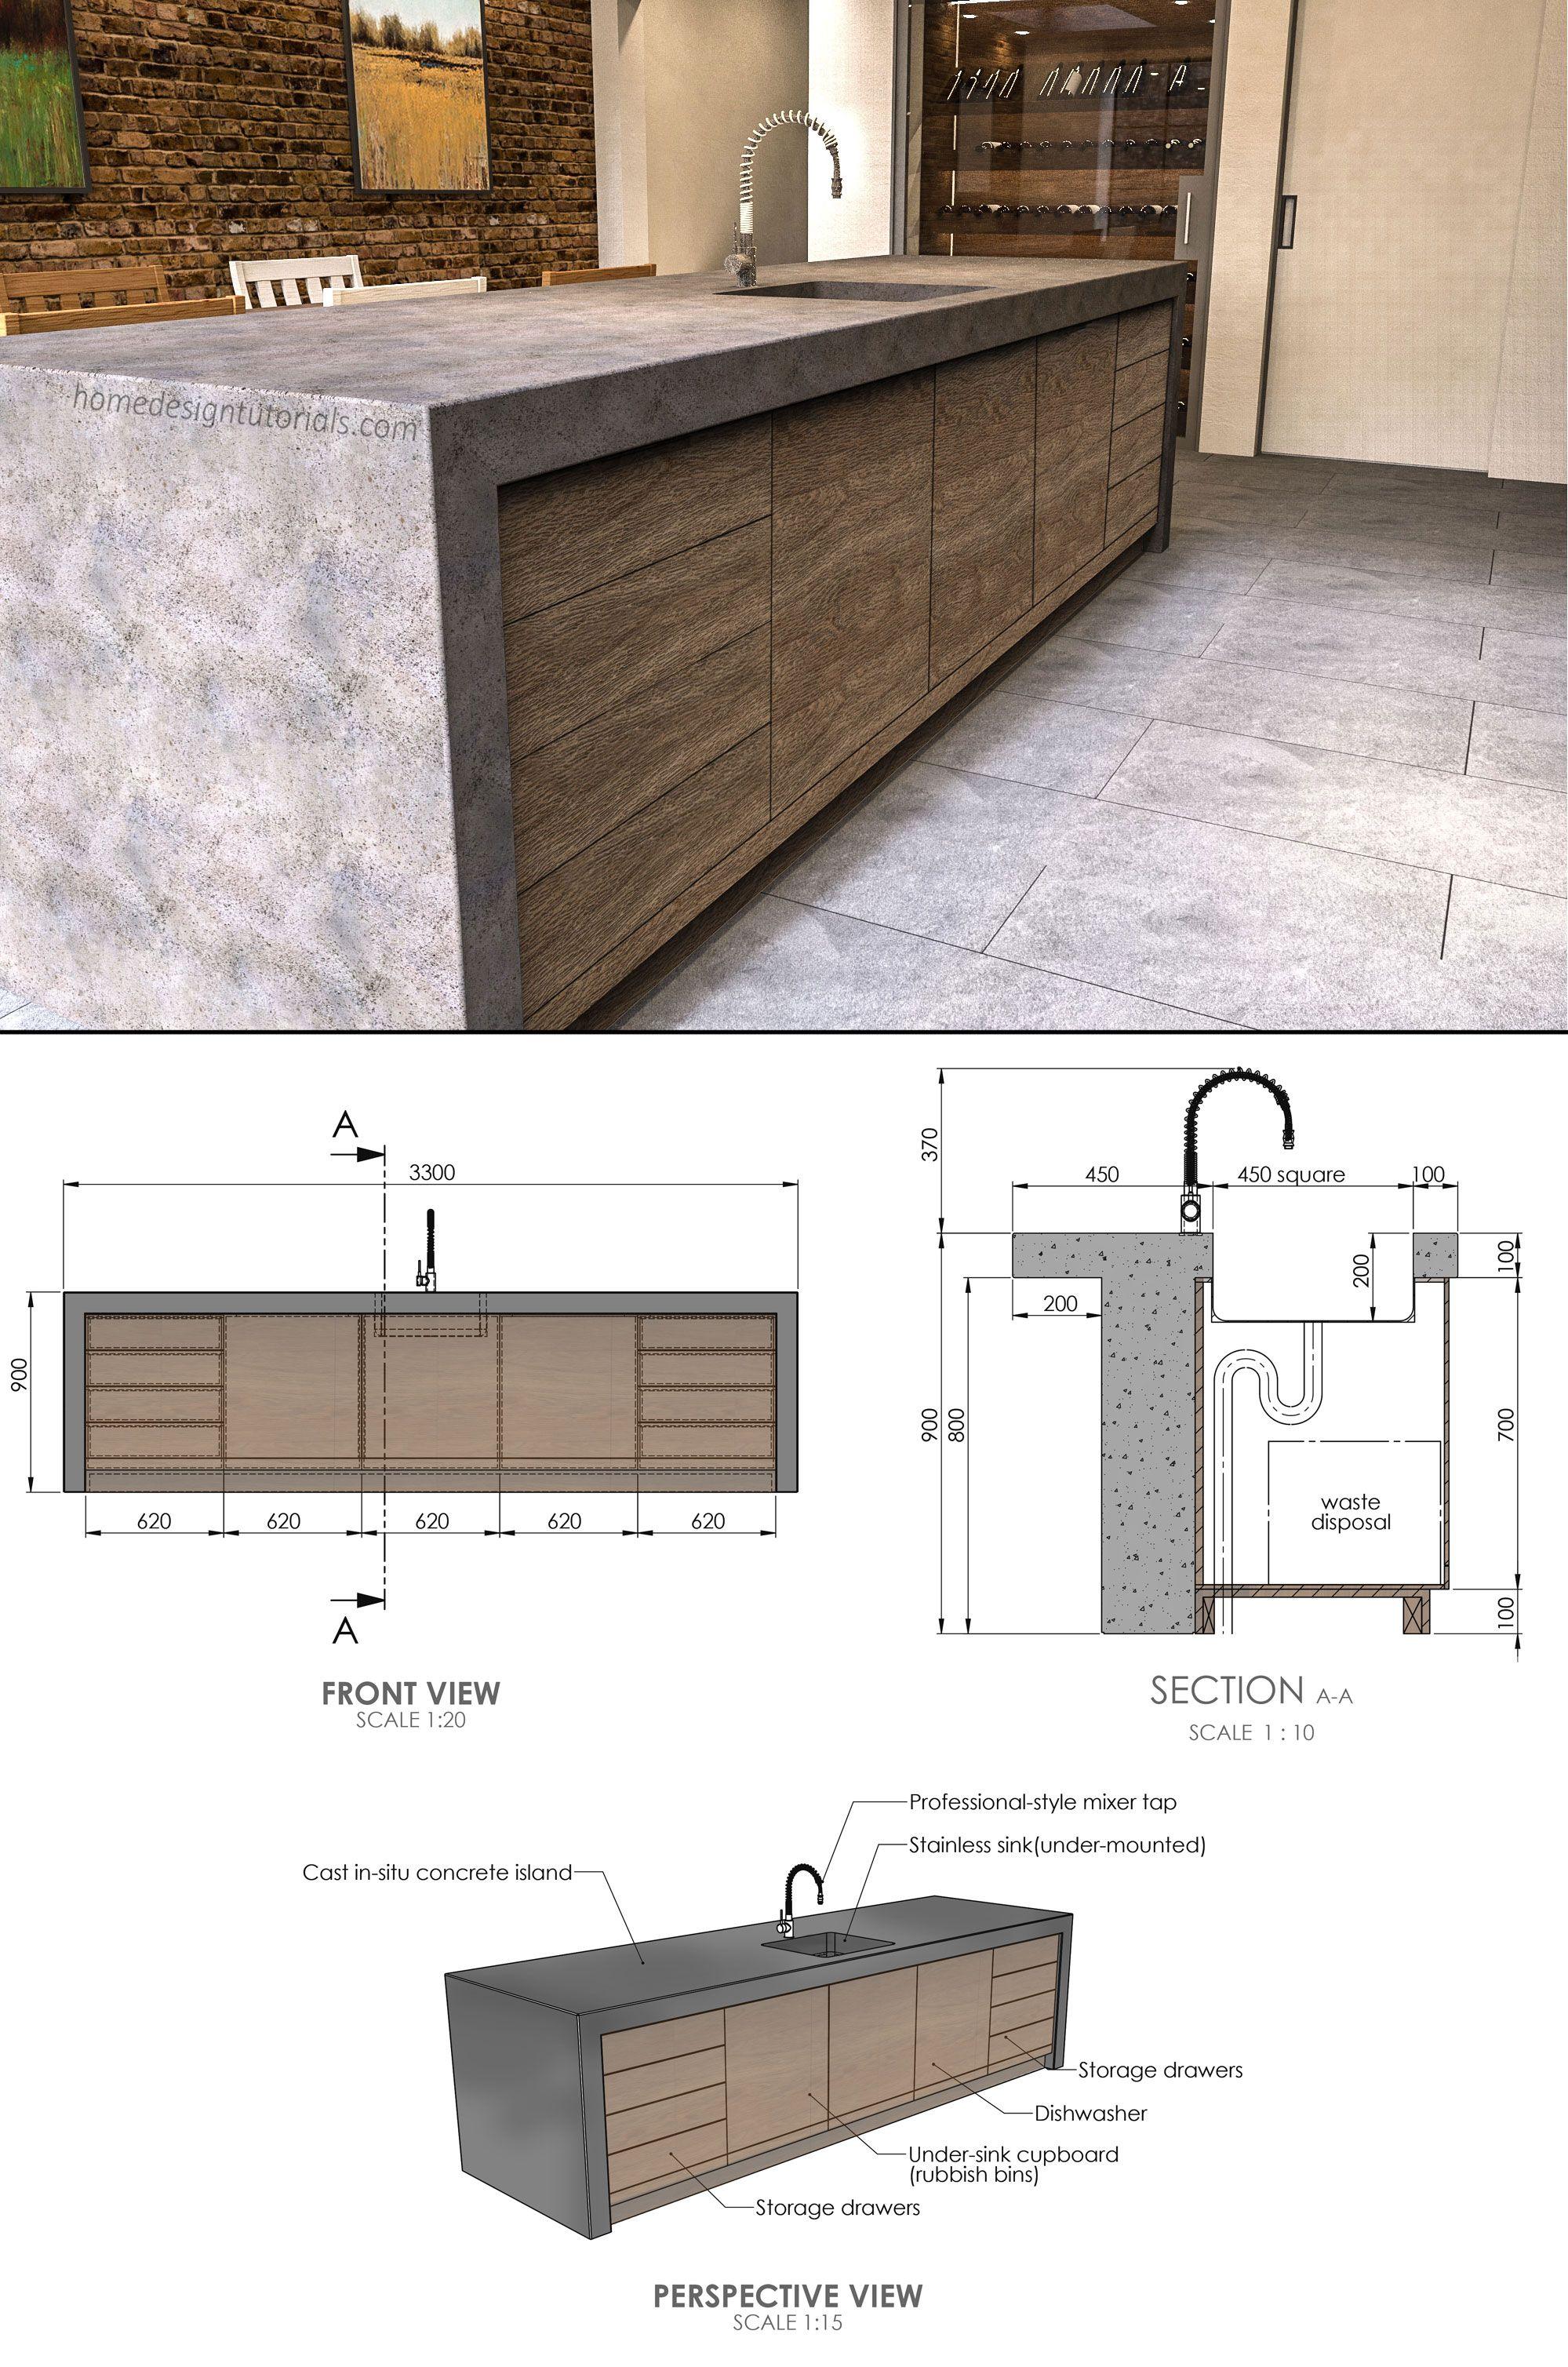 Kitchen Island Design Kitchen Furniture Design Kitchen Island Design Interior Design Kitchen